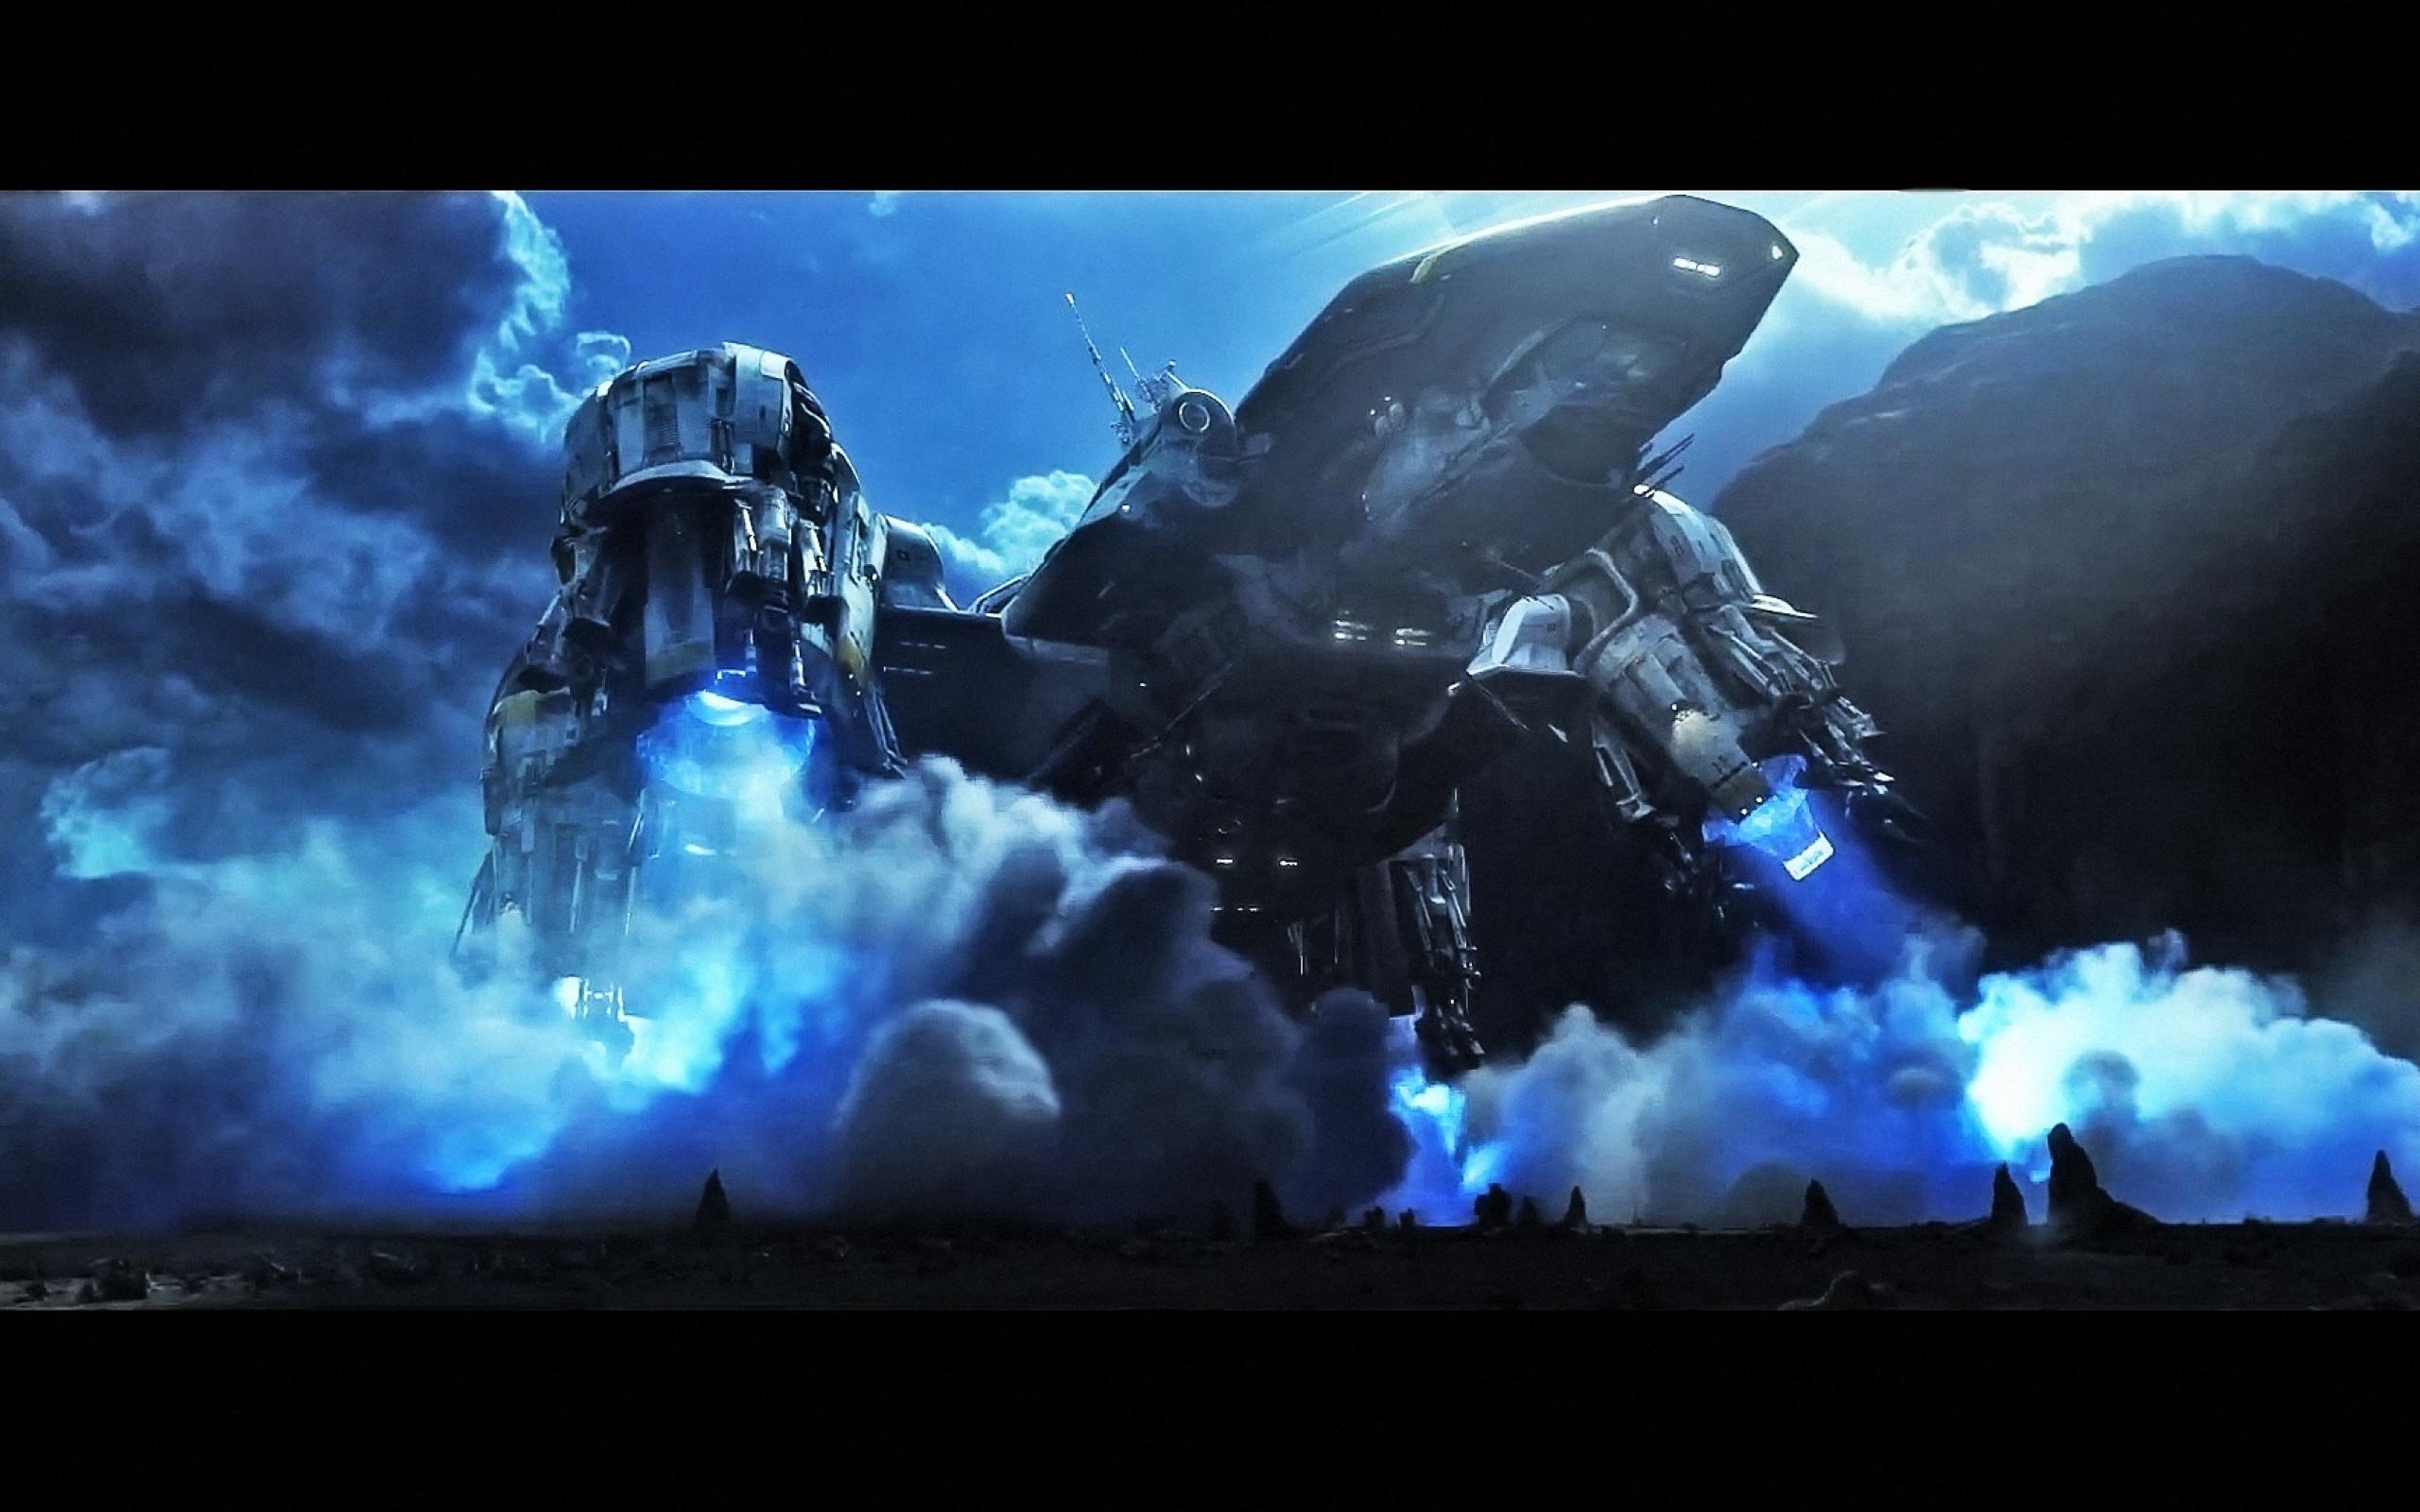 alien 1920x1080 wallpaper People HD WallpaperHi Res People Wallpaper 2560x1600